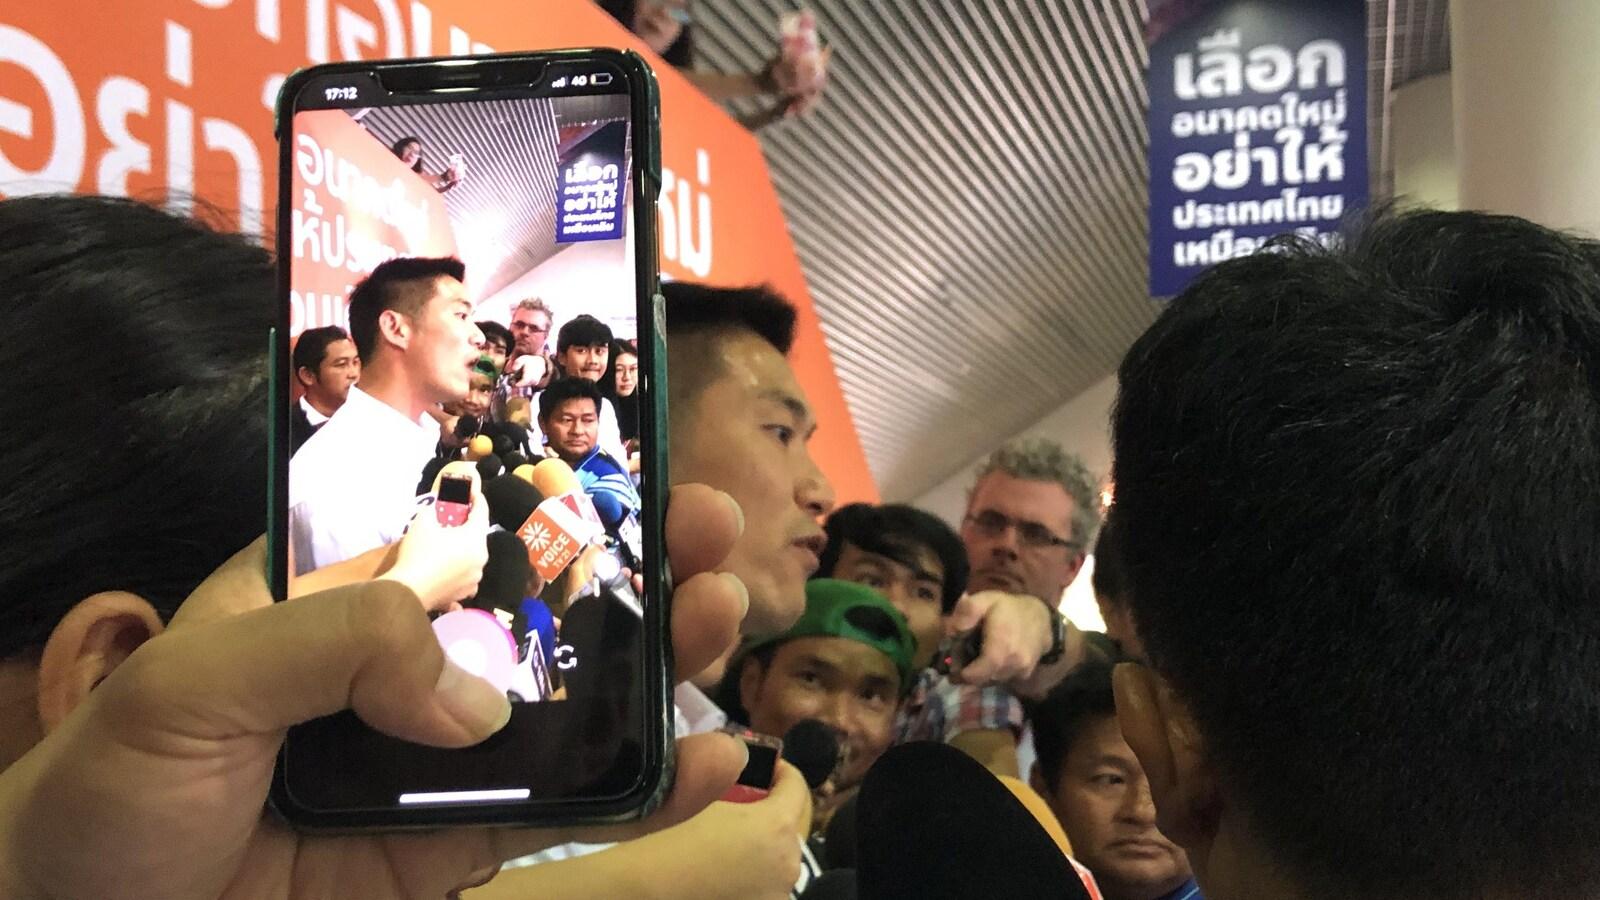 Une personne prend une photo d'un homme politique à l'aide d'un téléphone intelligent.